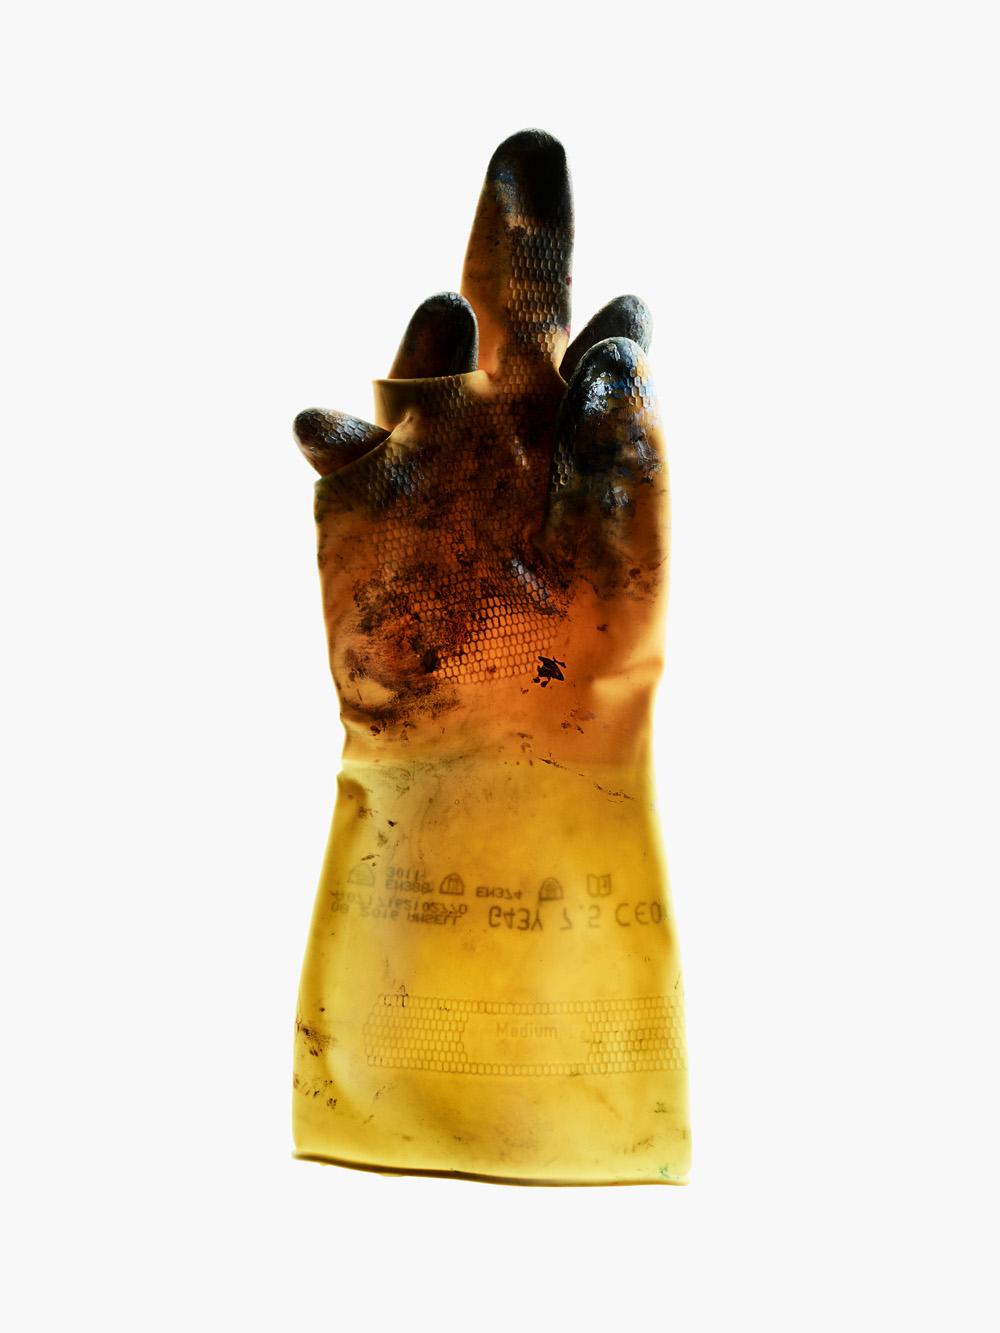 20170113 Found Gloves94471.jpg